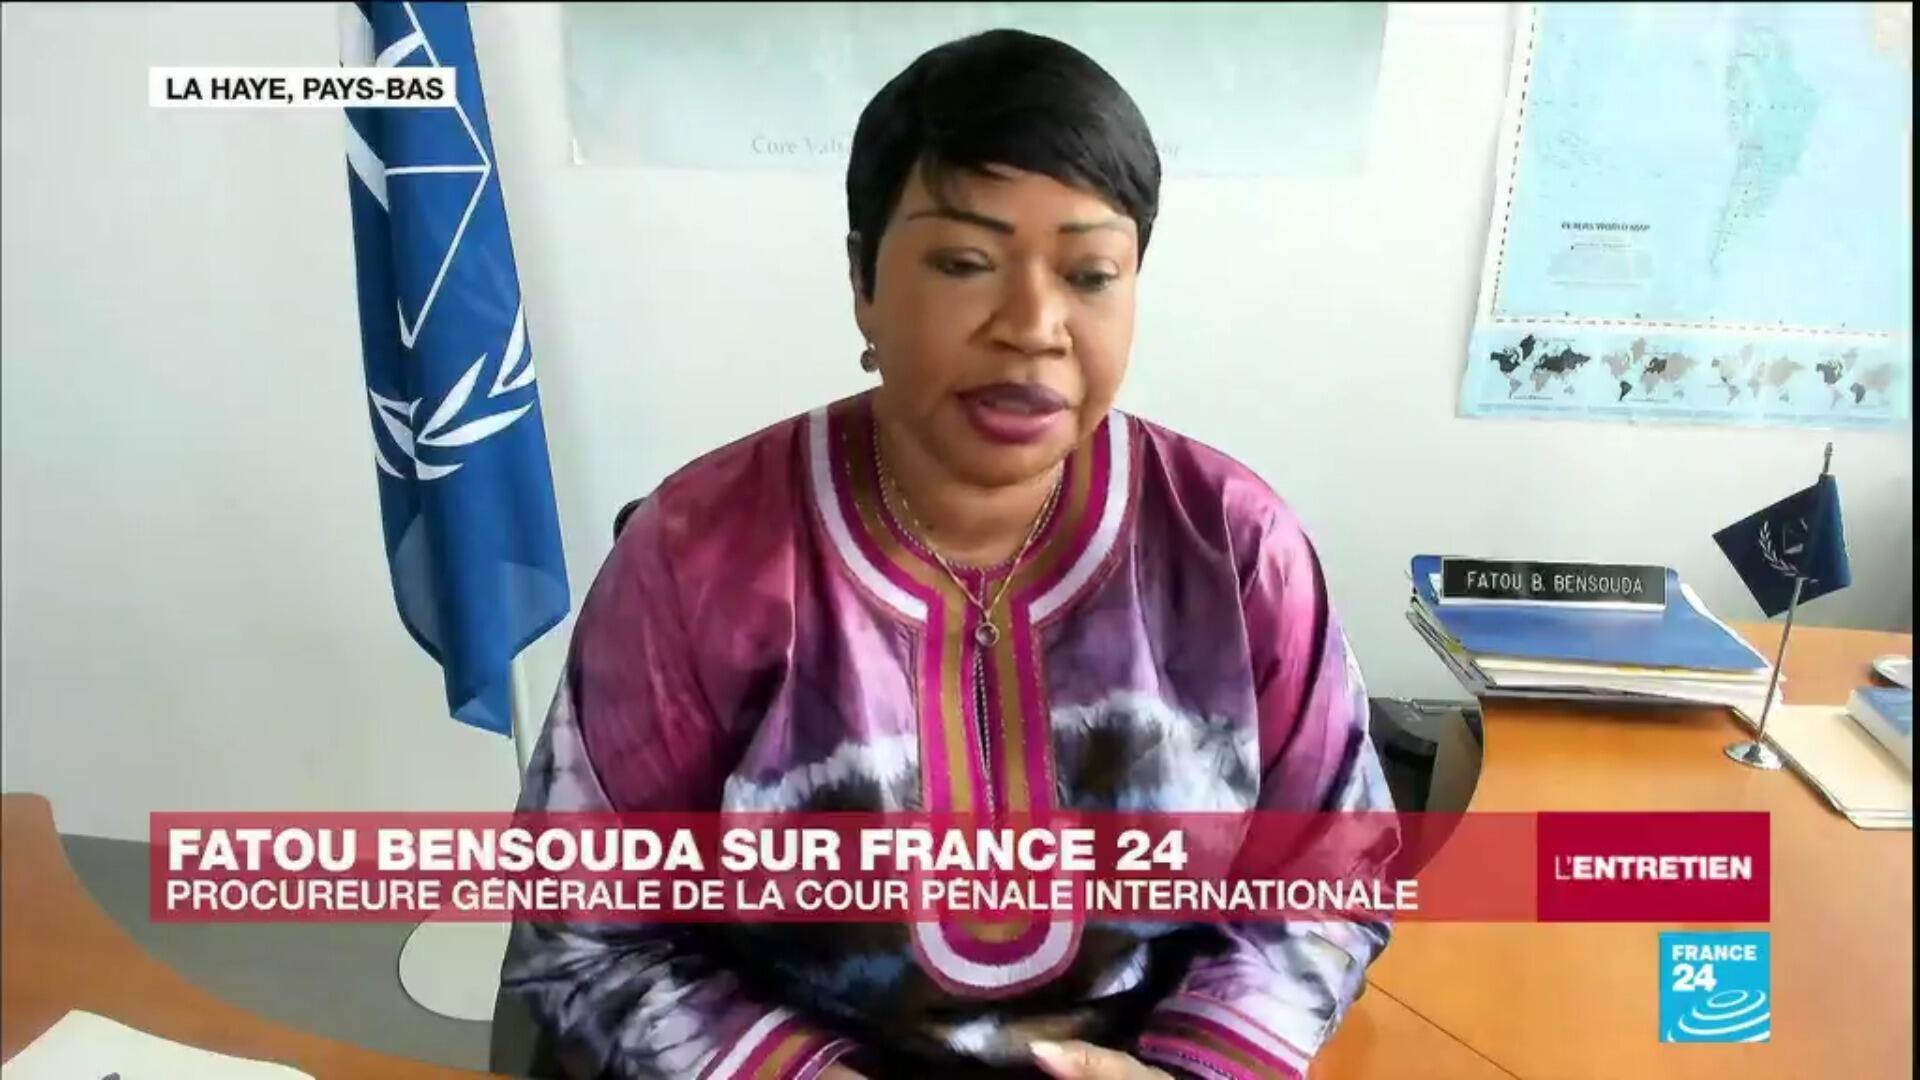 Fatou Bensouda, procureure générale de la Cour pénale internationale à La Haye.